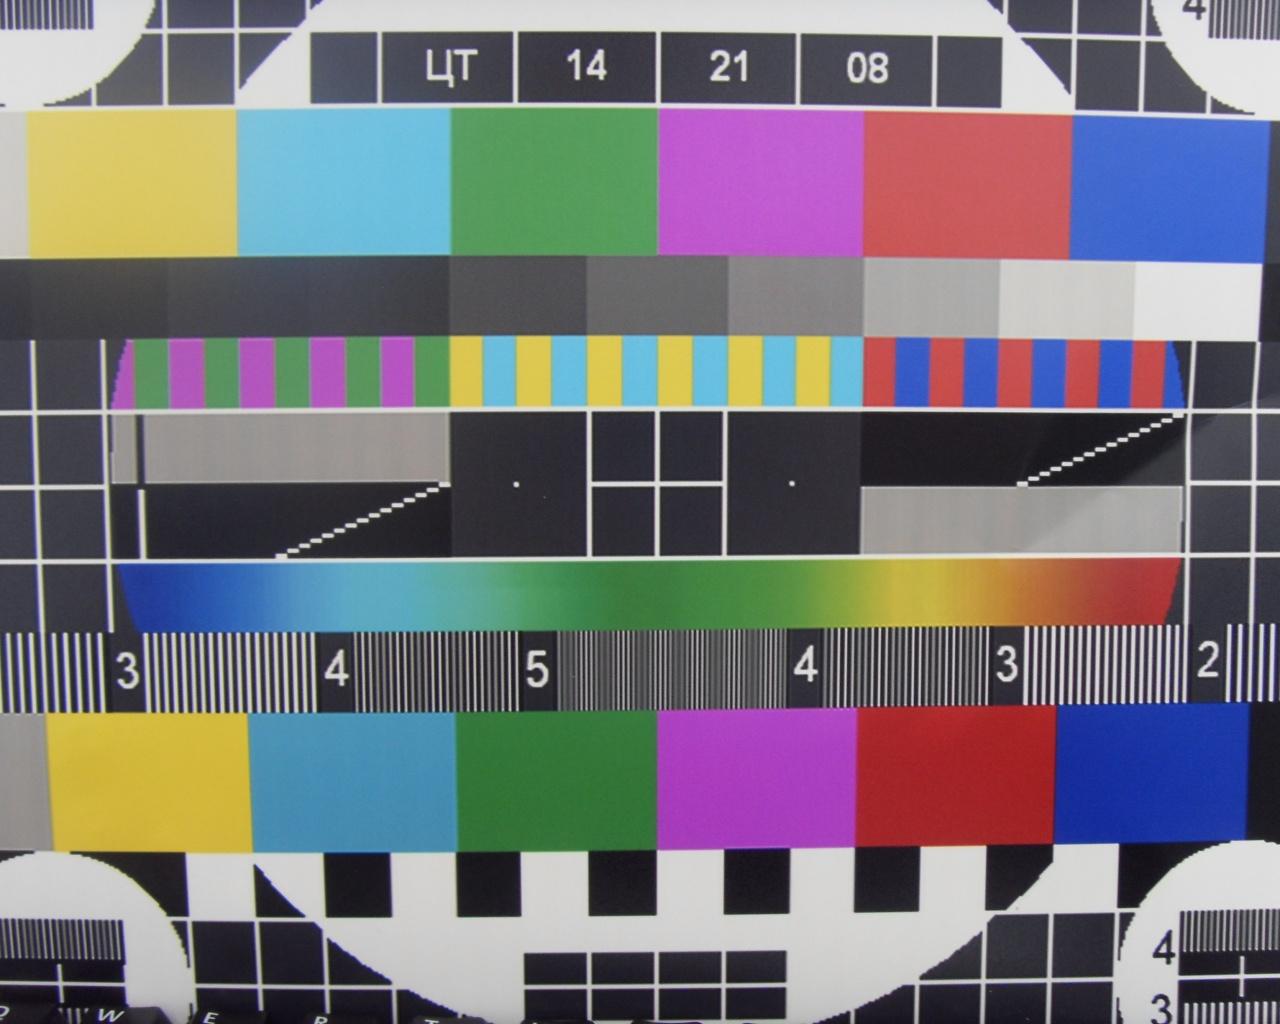 Картинка неработающего телевизора